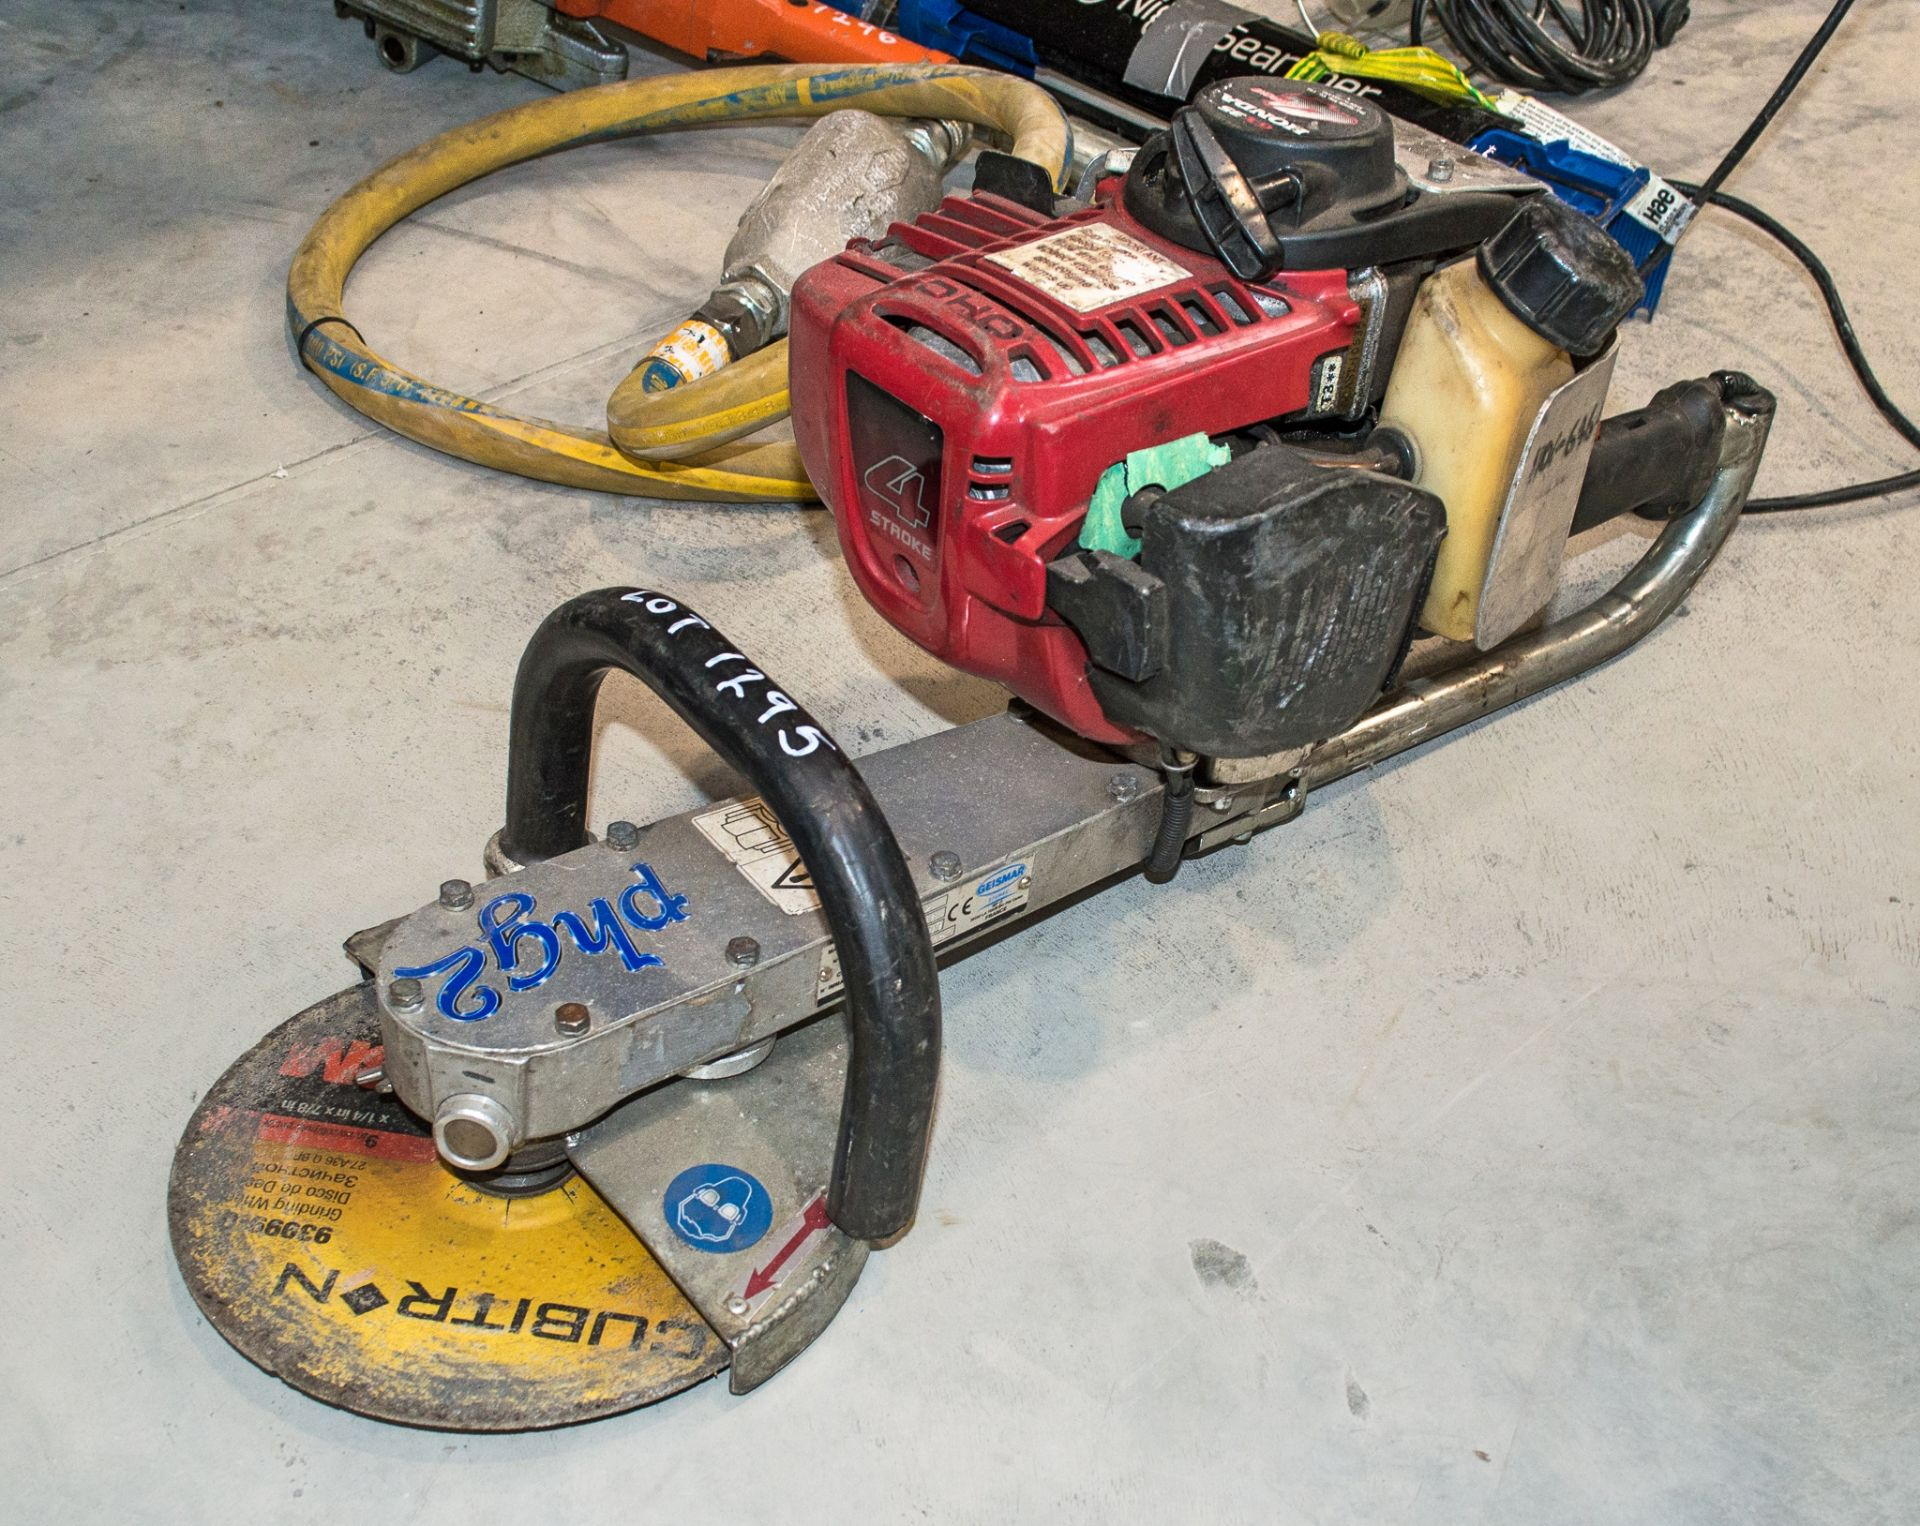 Geismar PHG2 petrol driven 4 stroke cut off saw